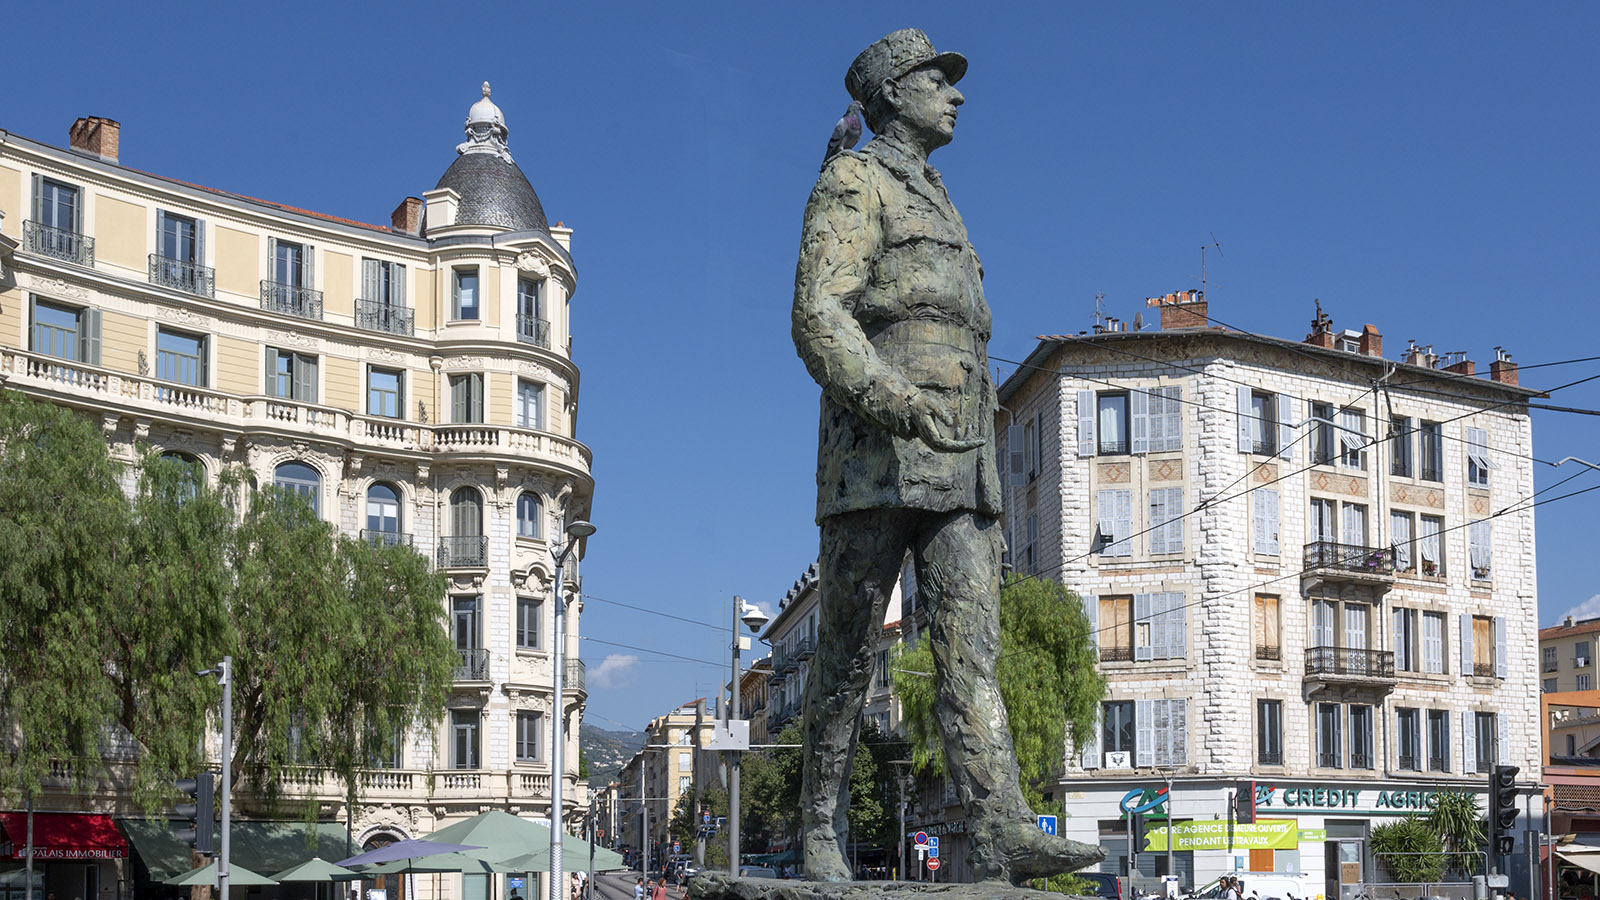 Den Platz schmückt die Statue des Generals Charles de Gaulle. Foto: Hilke Maunder